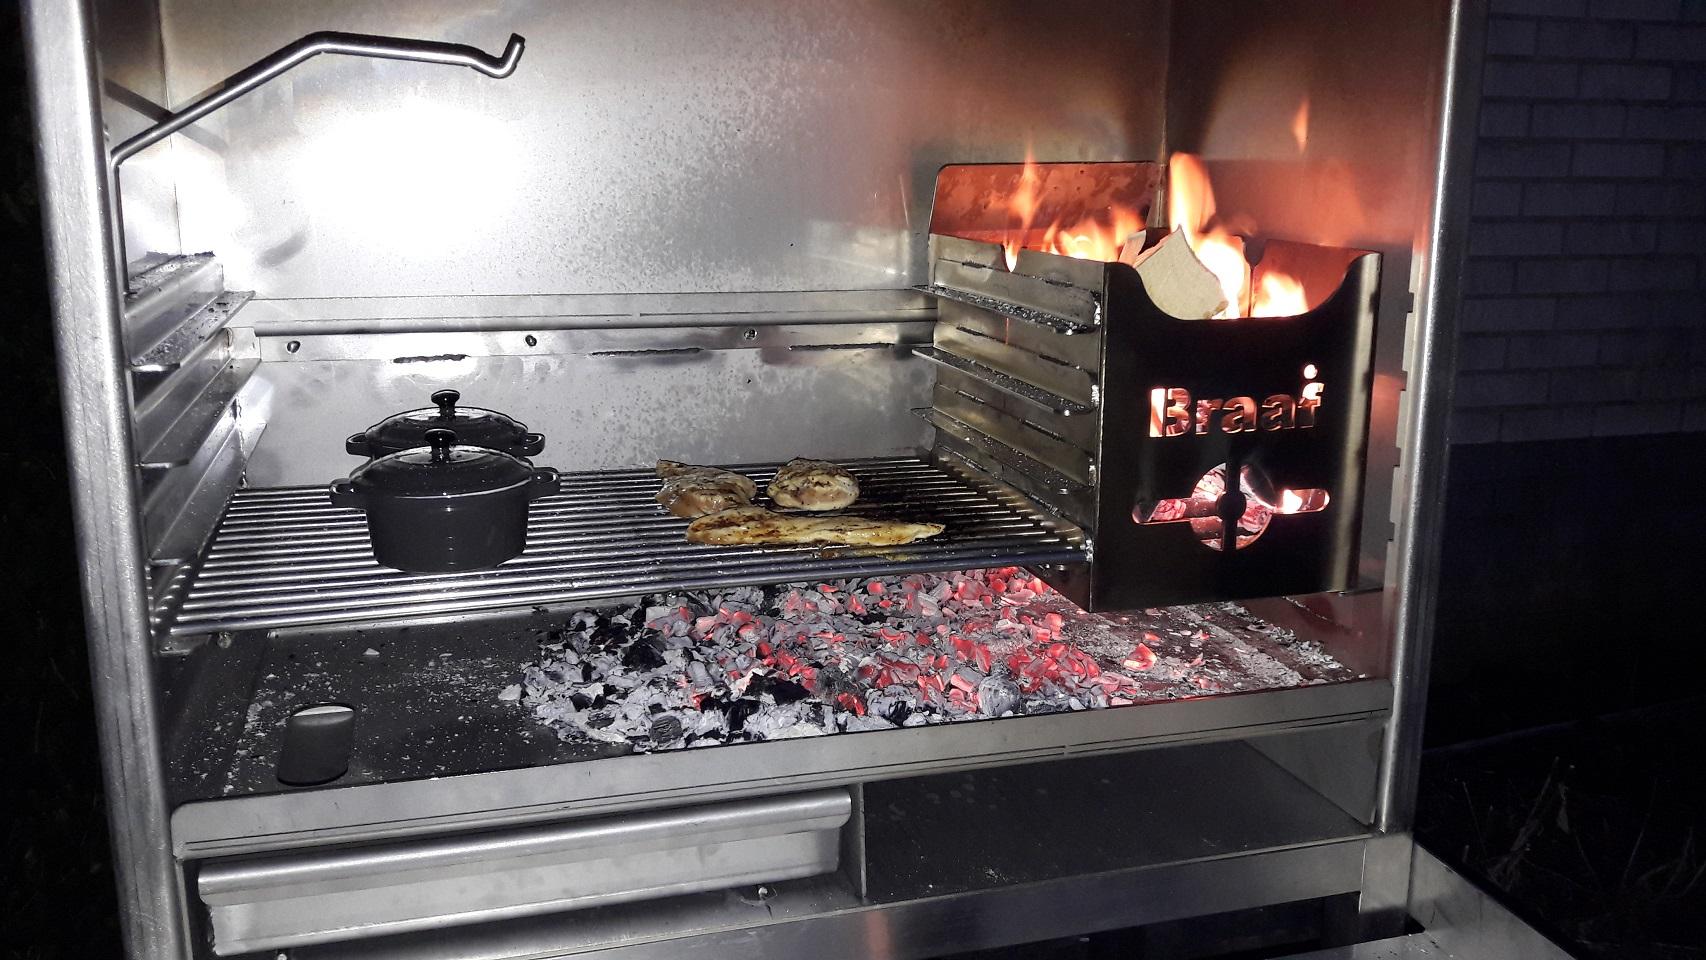 Braai stand-alone houtskool-bbq, pizza-oven en houtkachel in 1